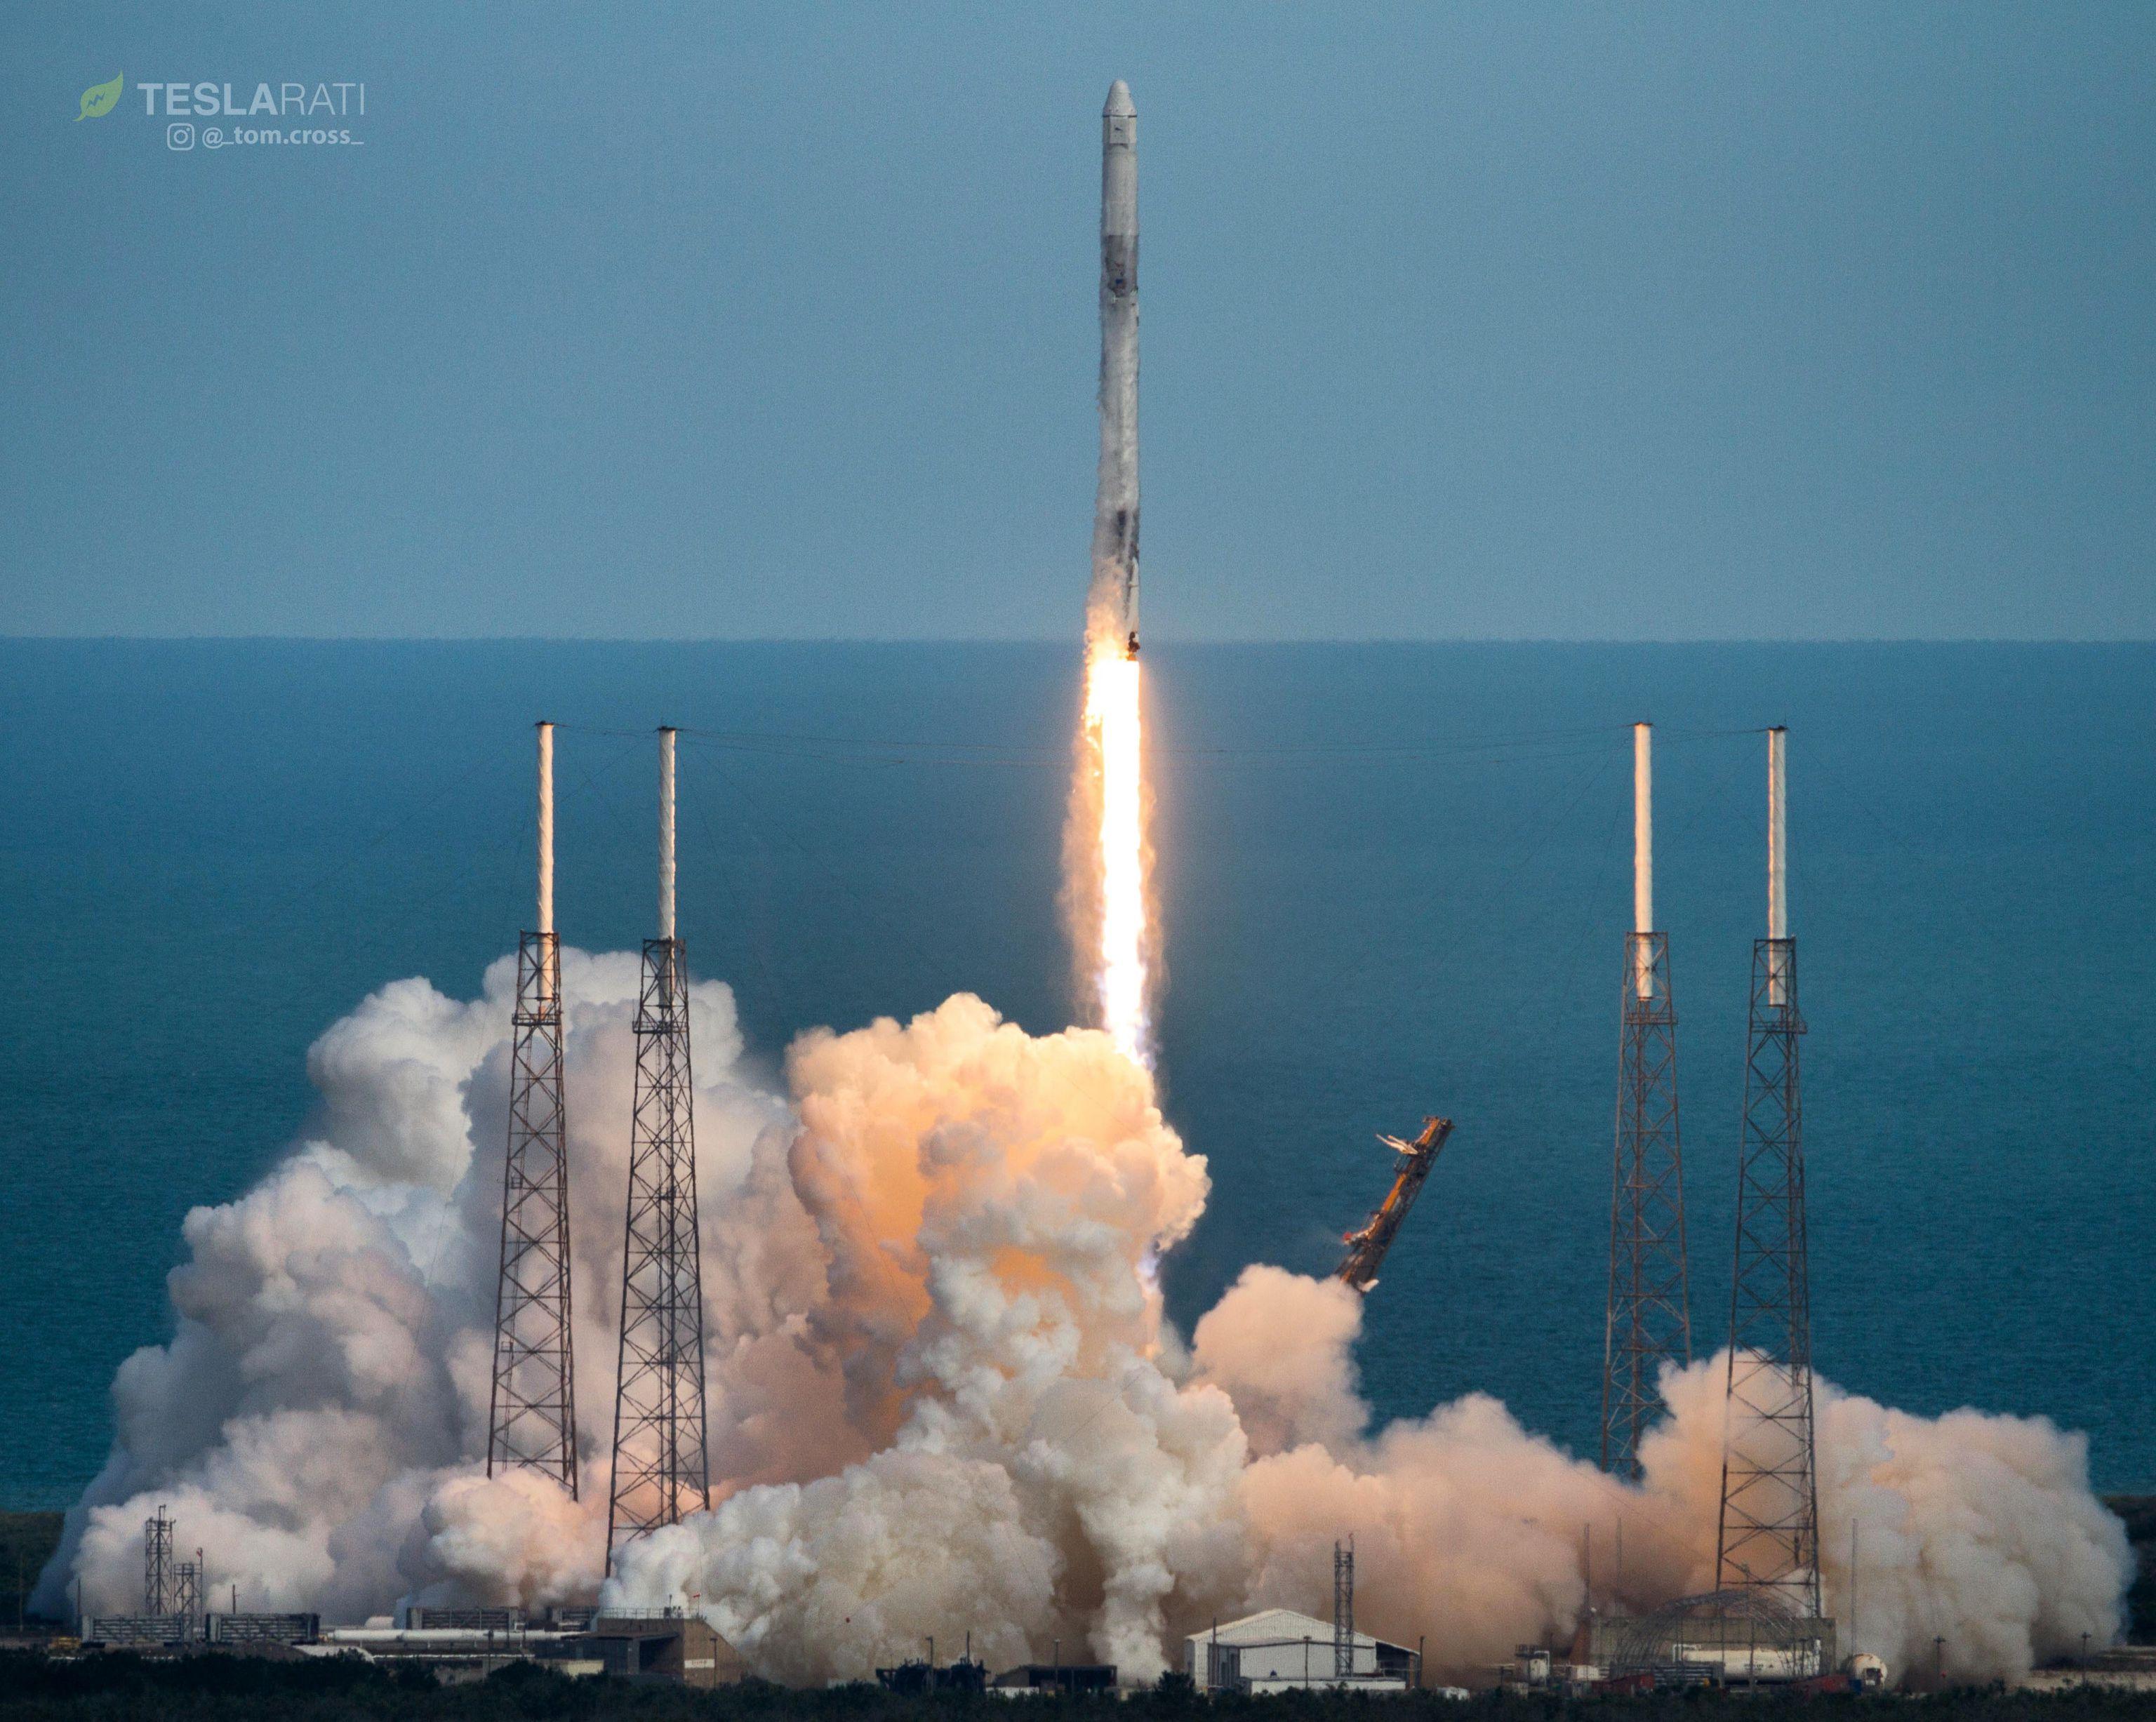 SpaceX-ն արձակել է Falcon 9 հրթիռակիրը (տեսանյութ)